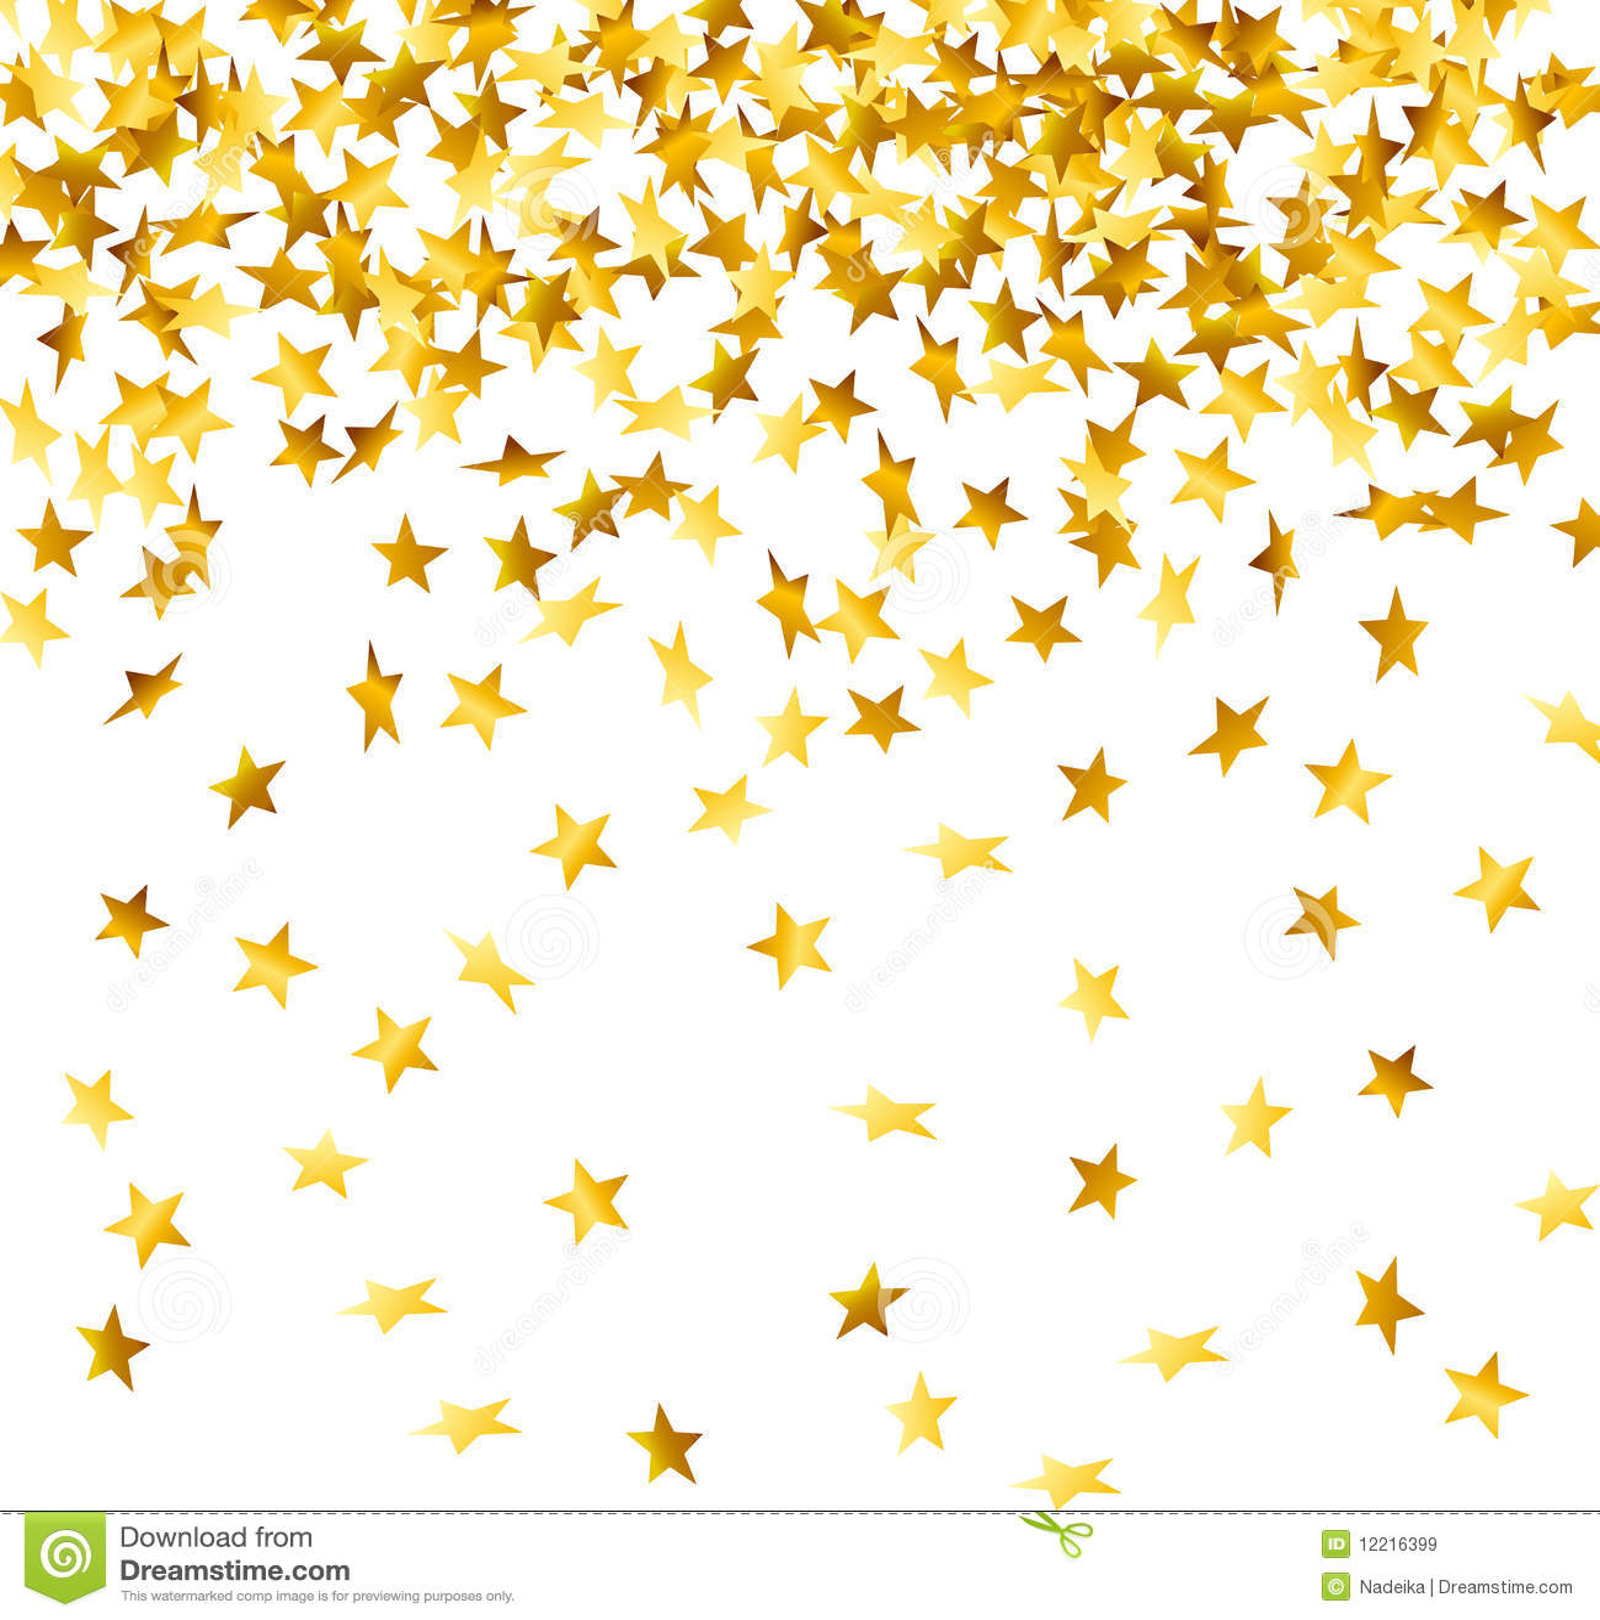 Animated Falling Confetti Gif